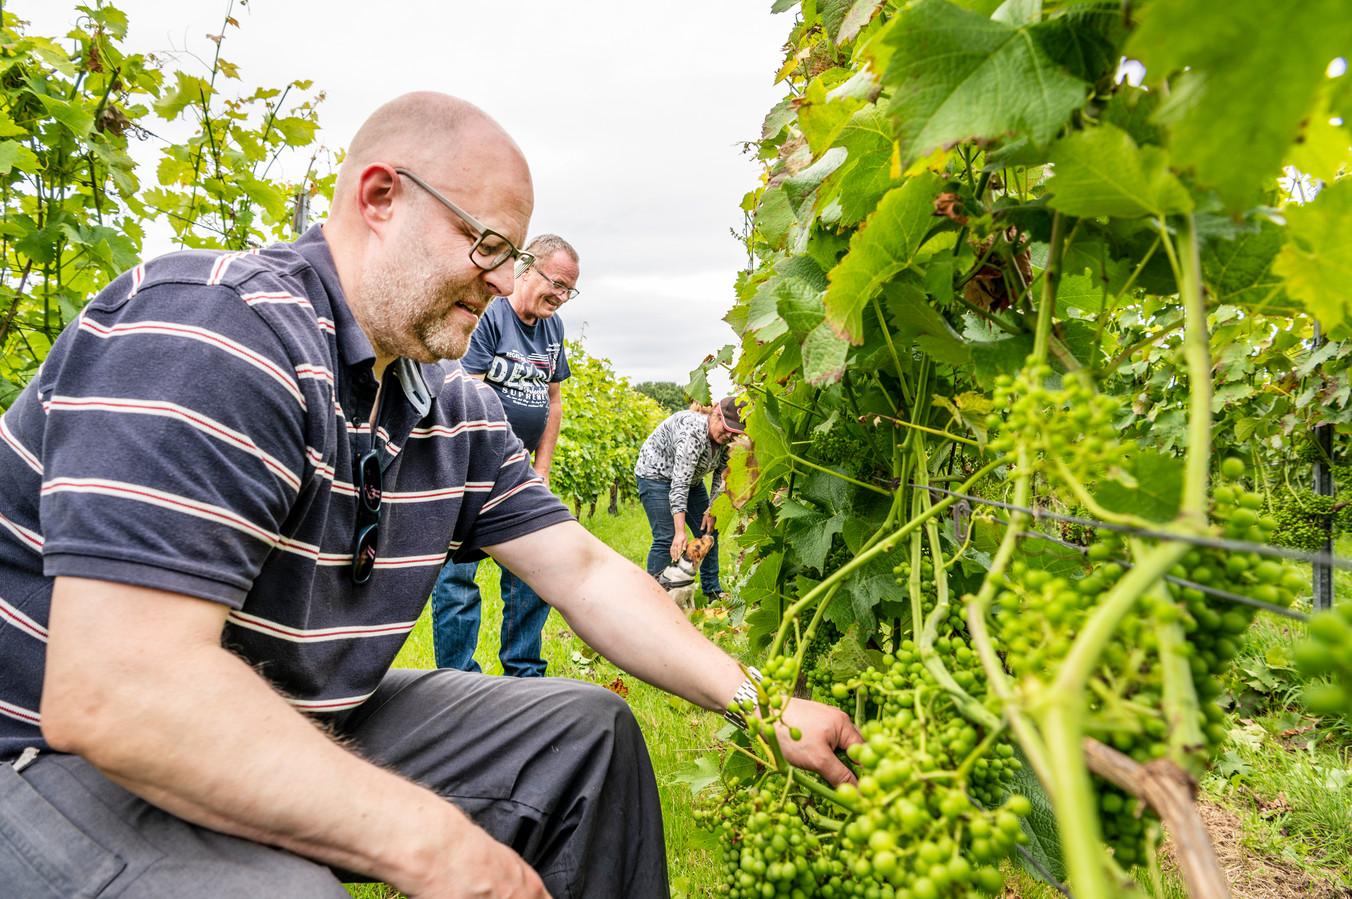 In de wijngaard helpen vrijwilligers mee met het plukken, waaronder Pepijn Boer (voorgrond). In de achtergrond Ilse Verkuil en Bert van Delft, de wijnboeren. Foto: THOMAS SEGERS / Van Assendelft